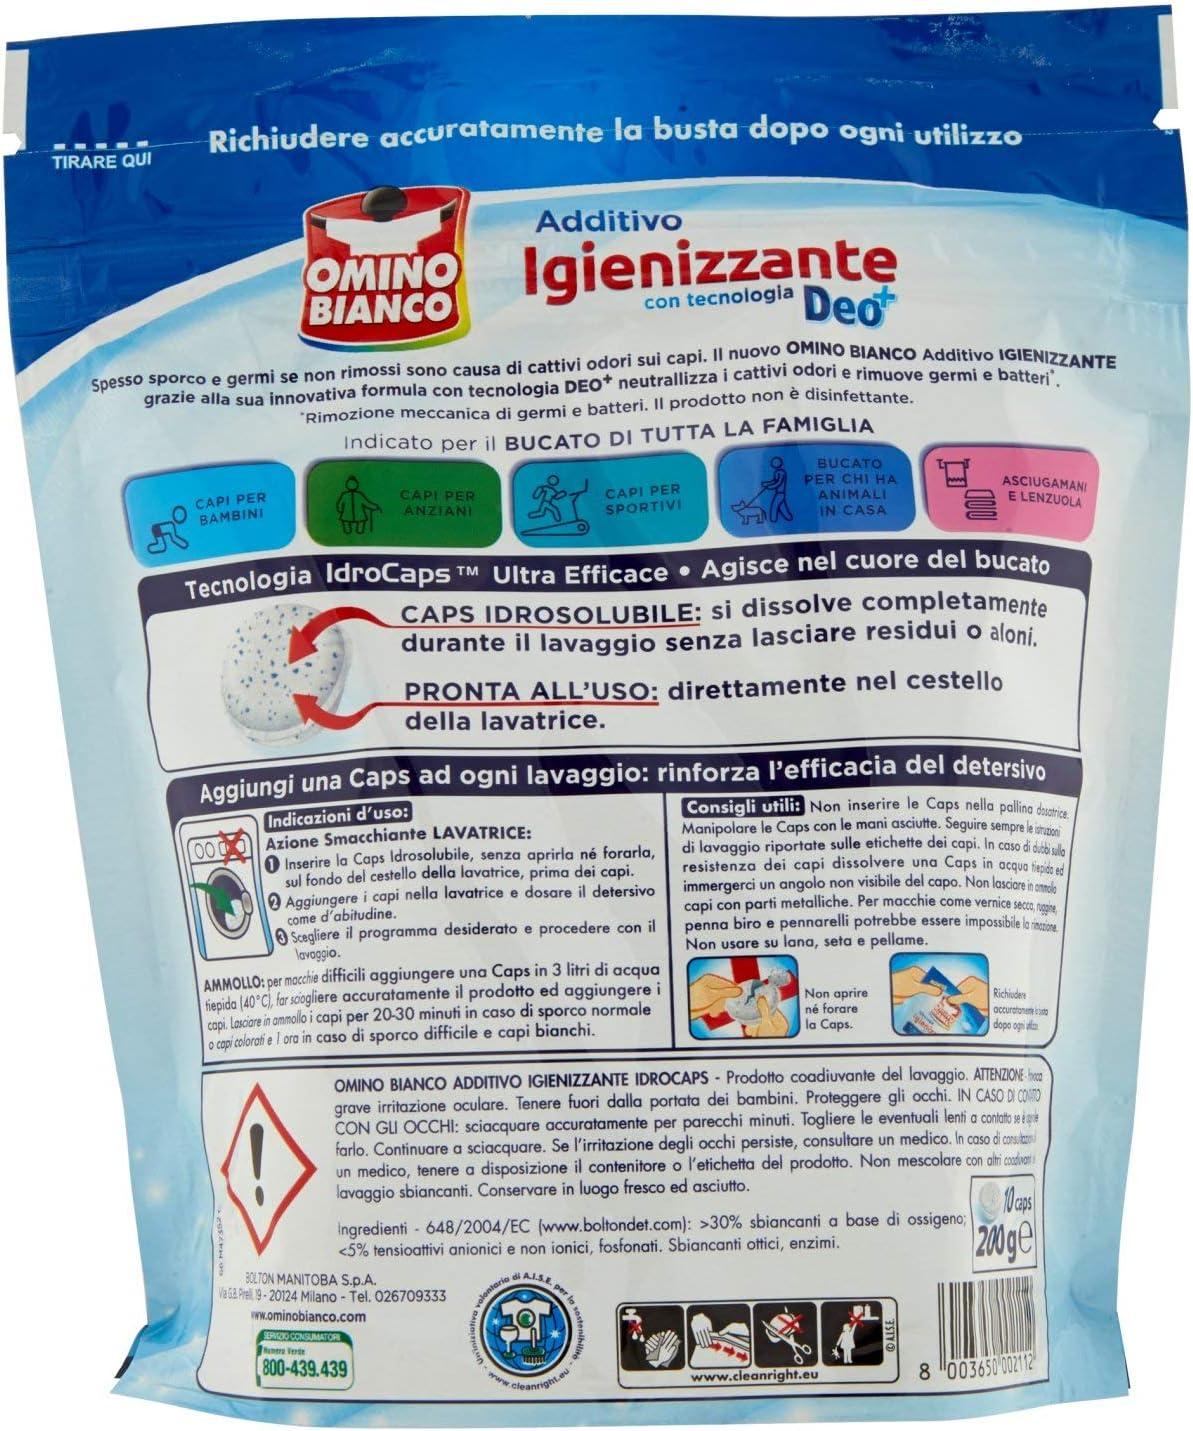 6 X idro caps OMINO BIANCO Idrocaps Igienizzante per lavatrice rimuovi germi